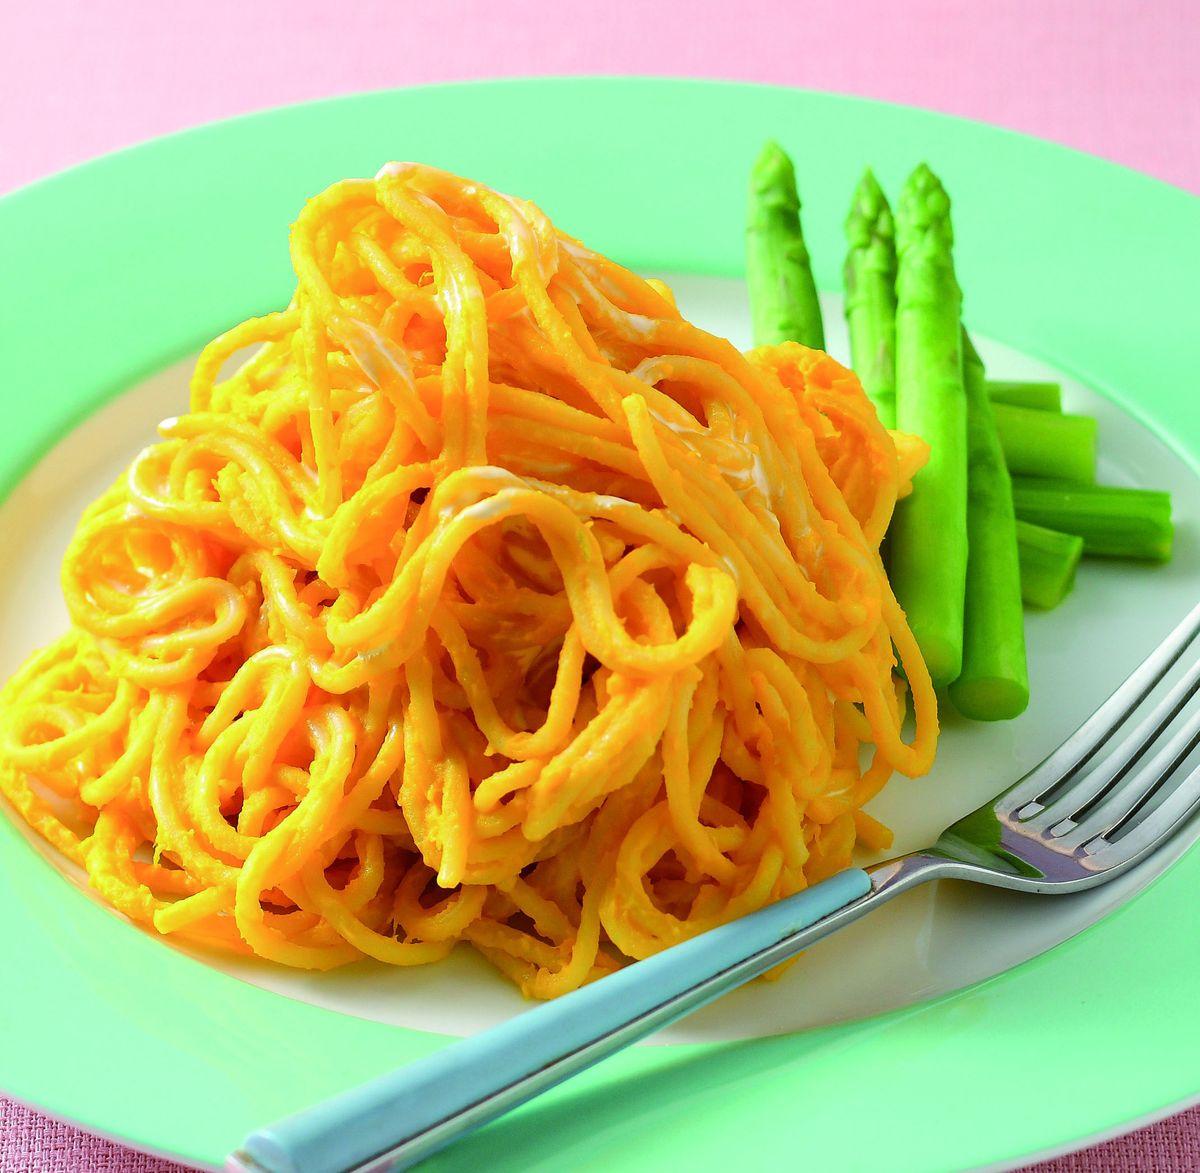 食譜:蘆筍蛋黃拌炒義大利麵